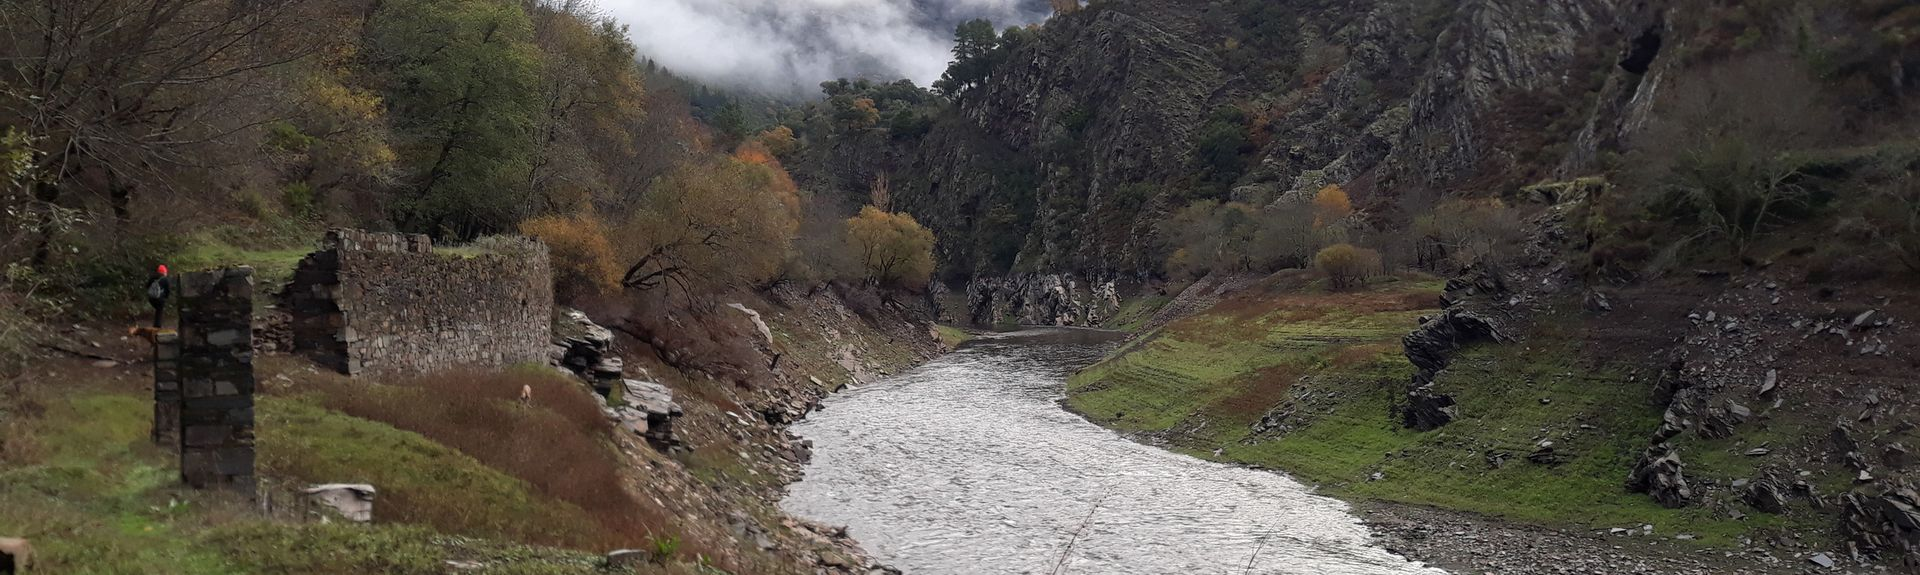 Cangas de Narcea, Asturias, España